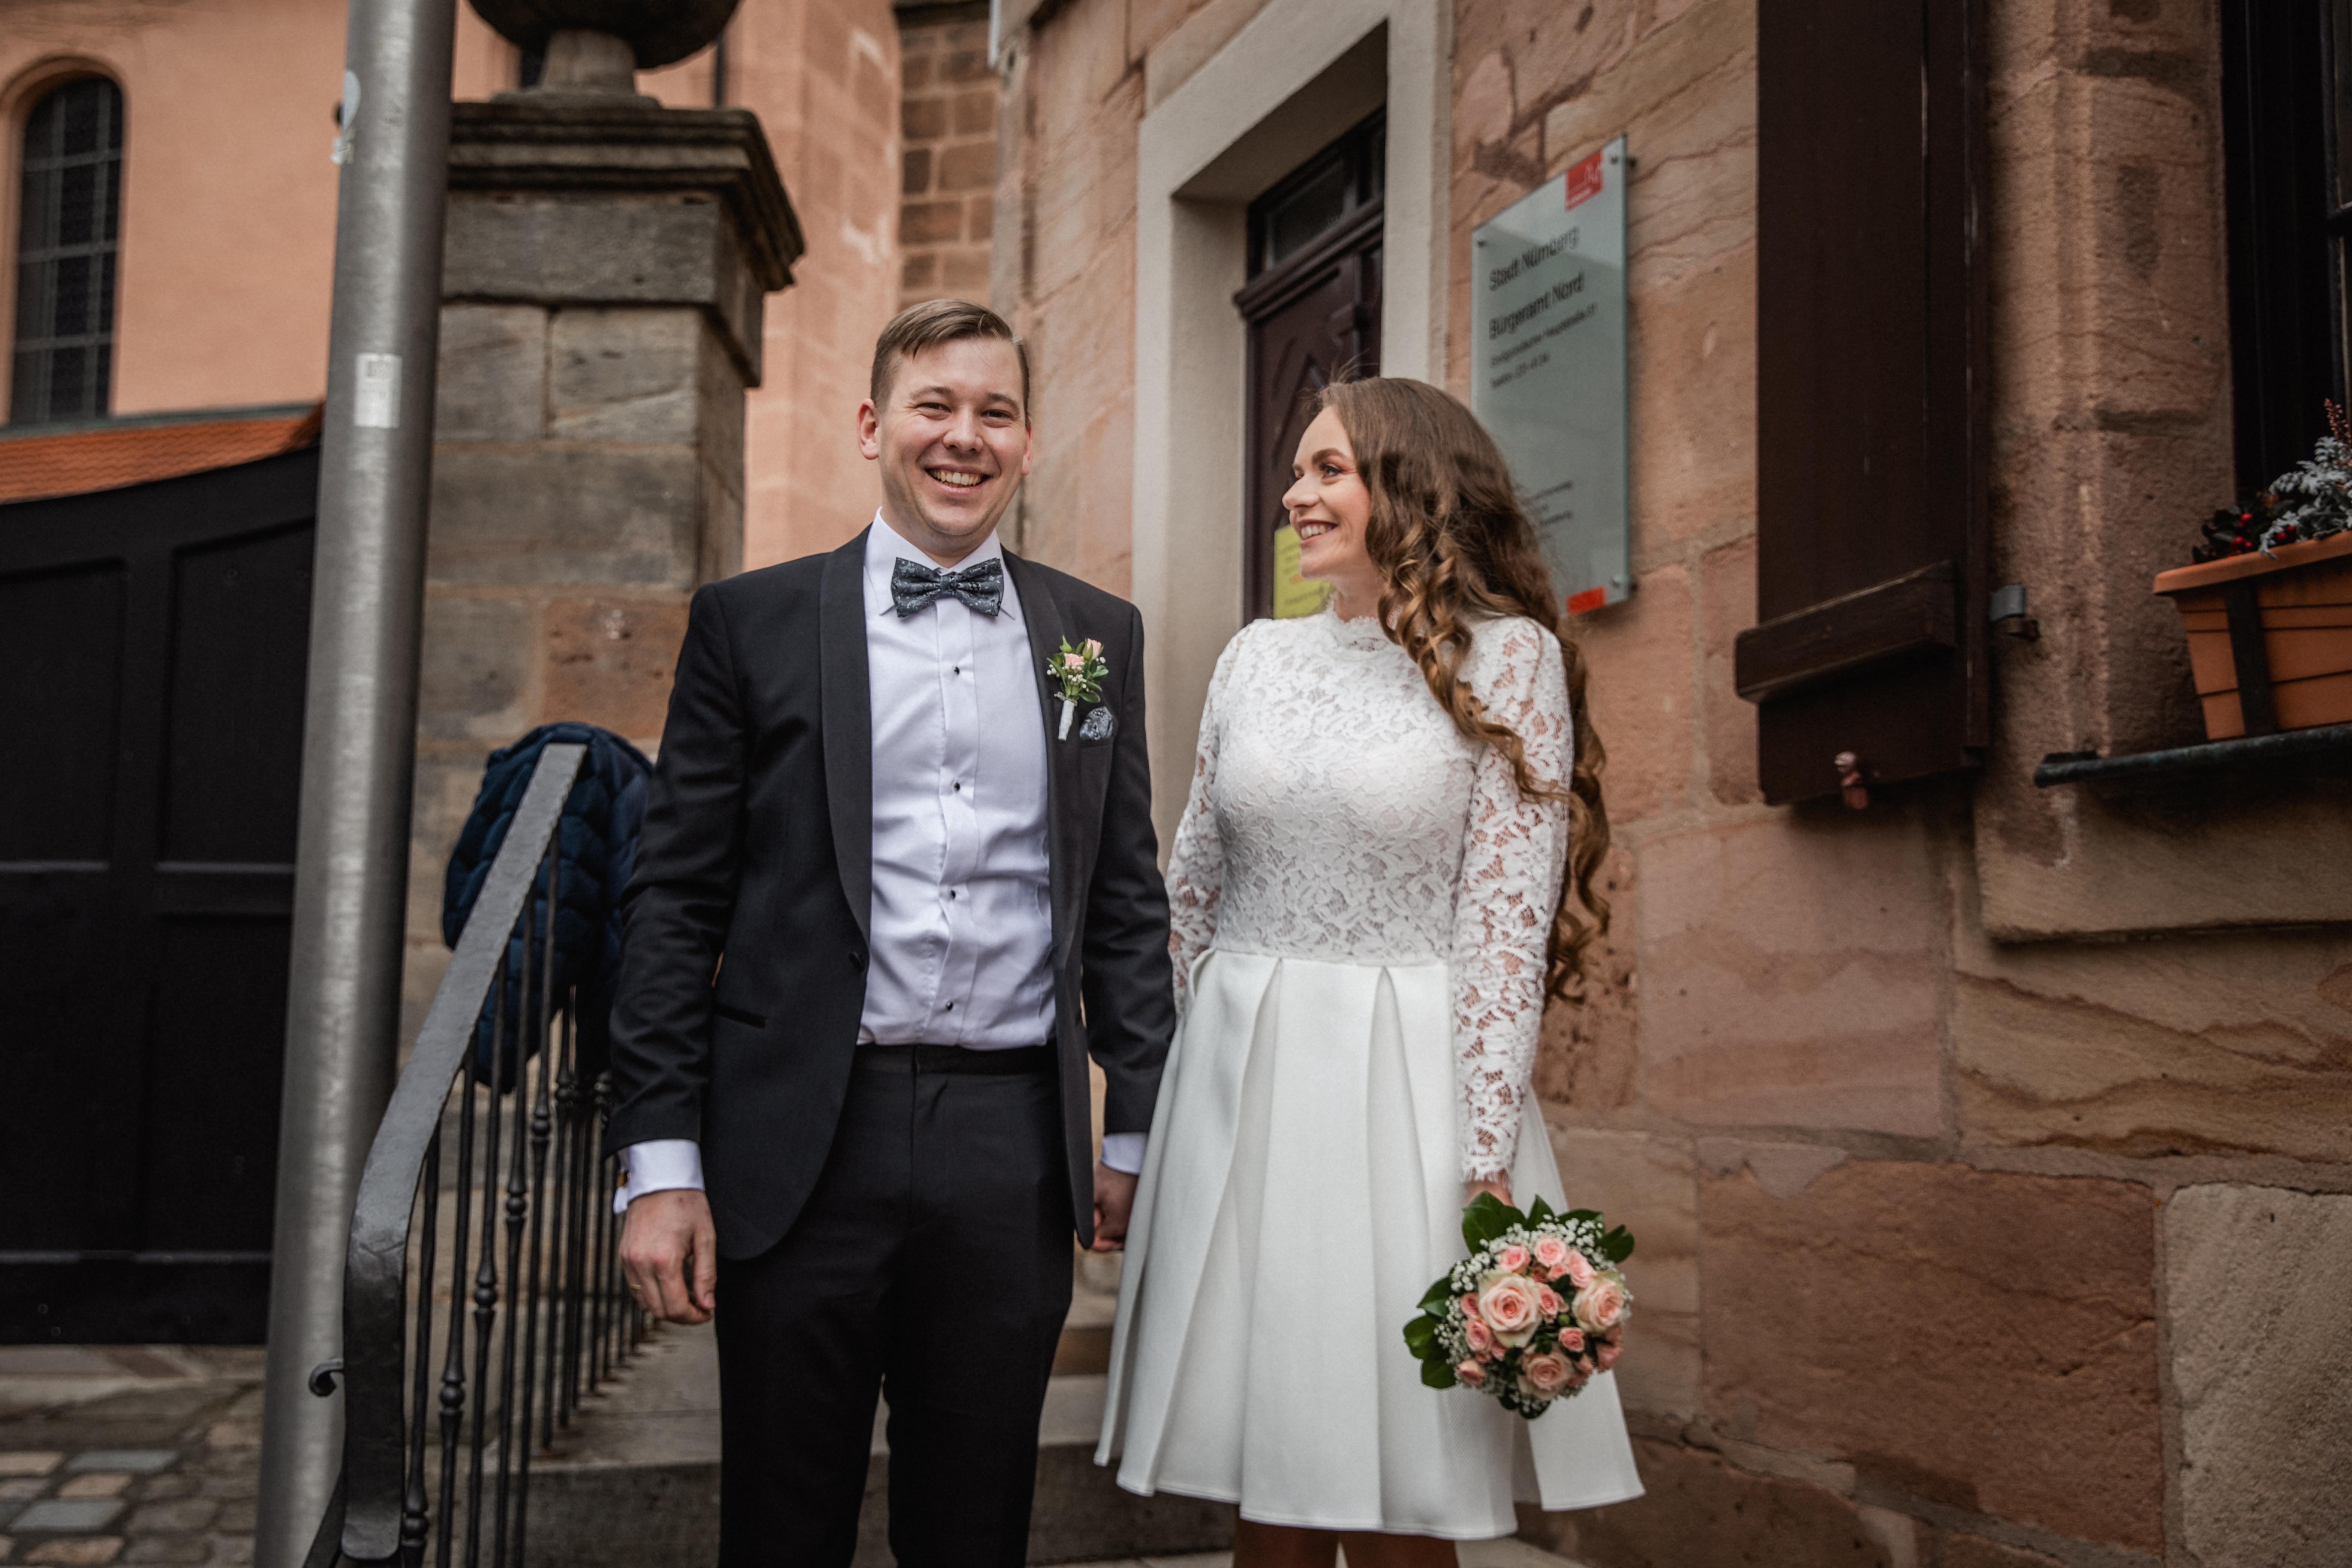 Hochzeitsfotograf-Grossgruendlach-Standesamt-Hallerschloss-Urbanerie-Stazija-und-Michael-027